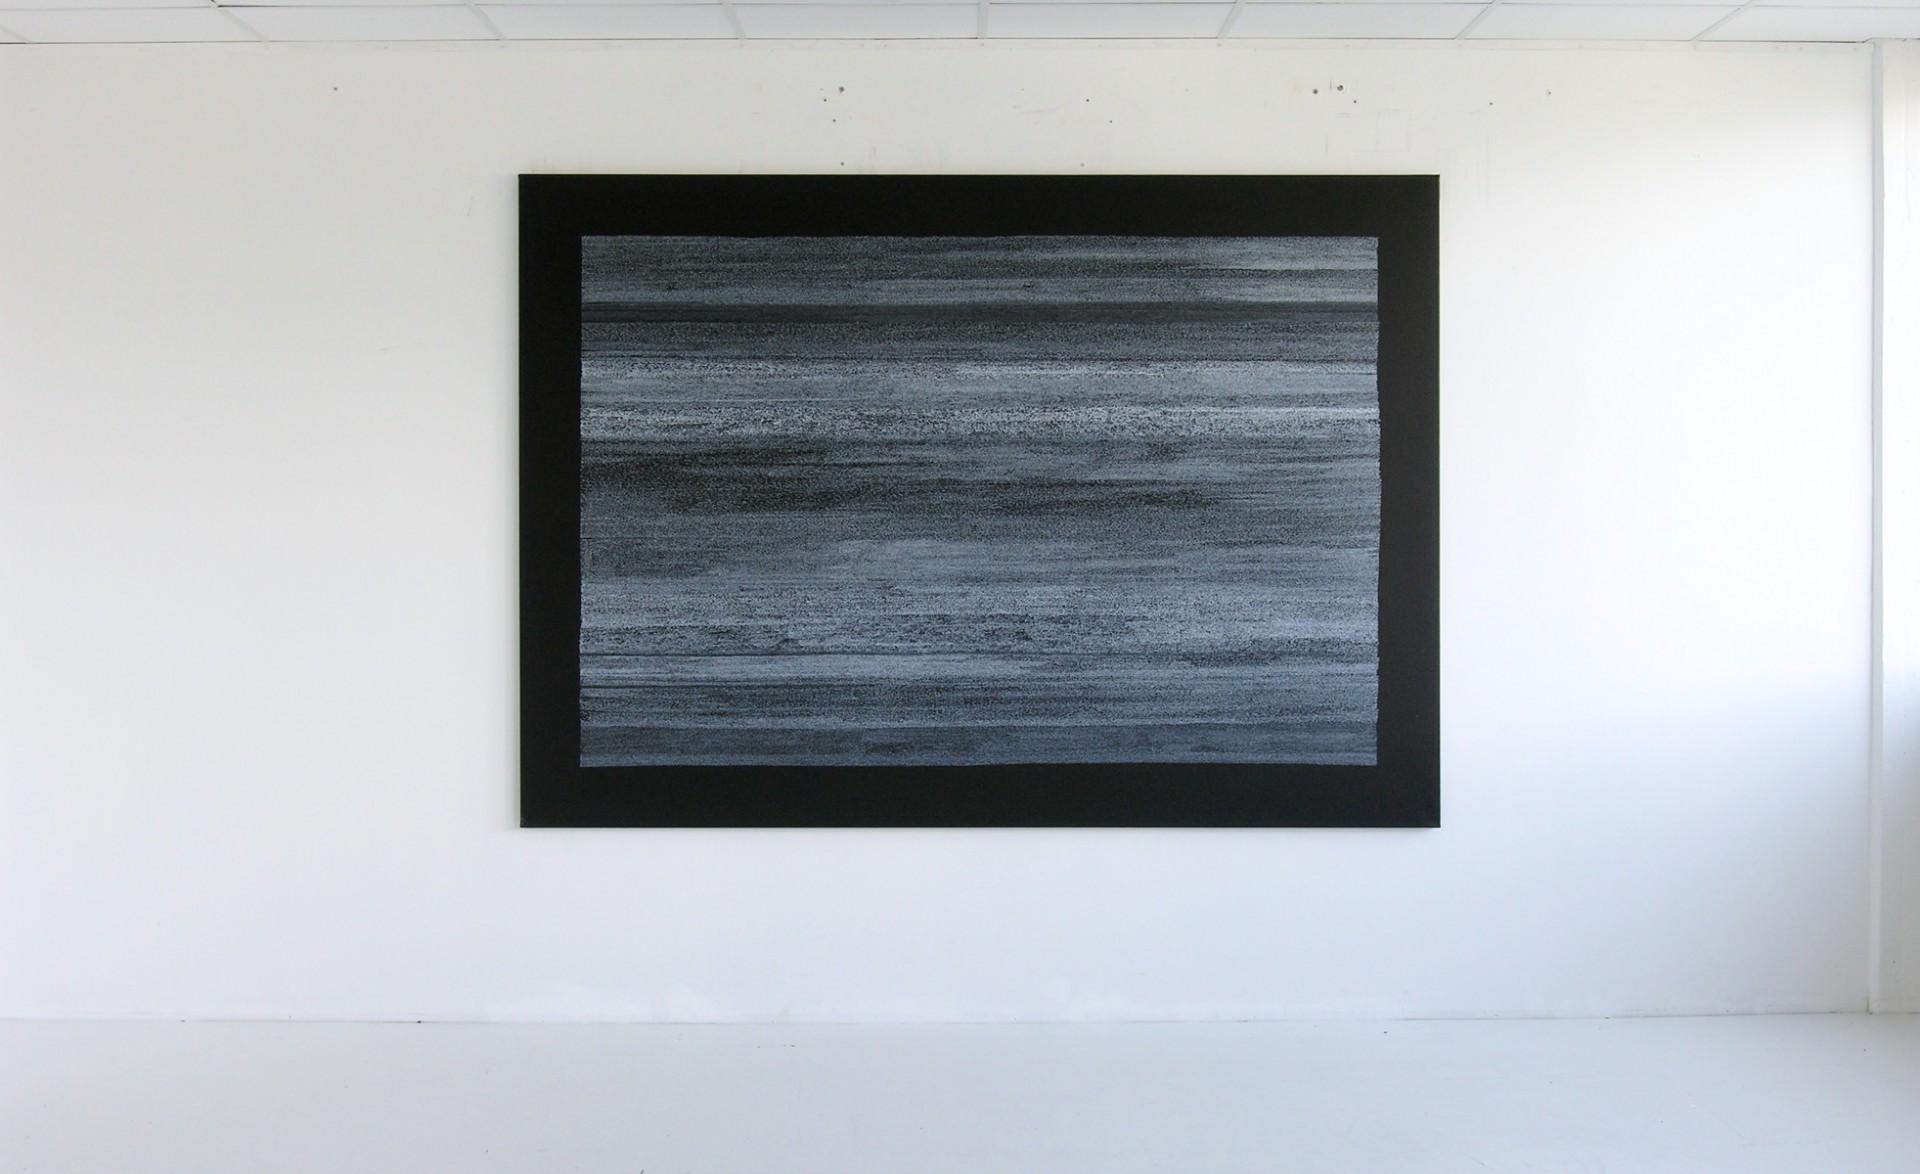 Werk-Nr.995, Acryl auf Leinwand , 180 x 240 cm, 2005